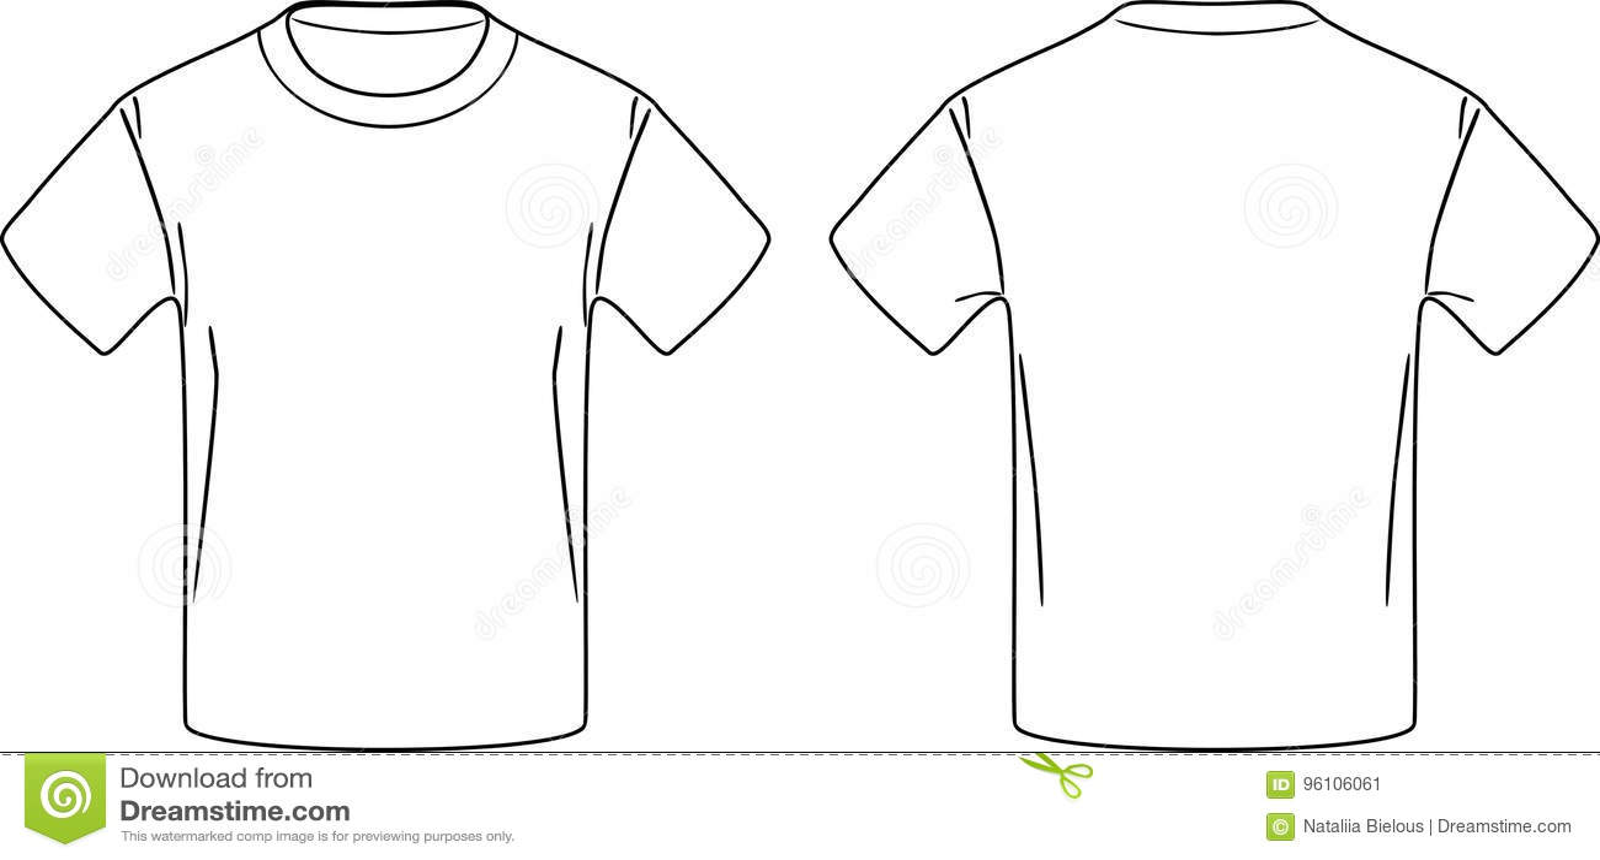 36d3ac9c0 T-shirt Masculino Branco Desenho Dianteiro E Traseiro Do Contorno ...